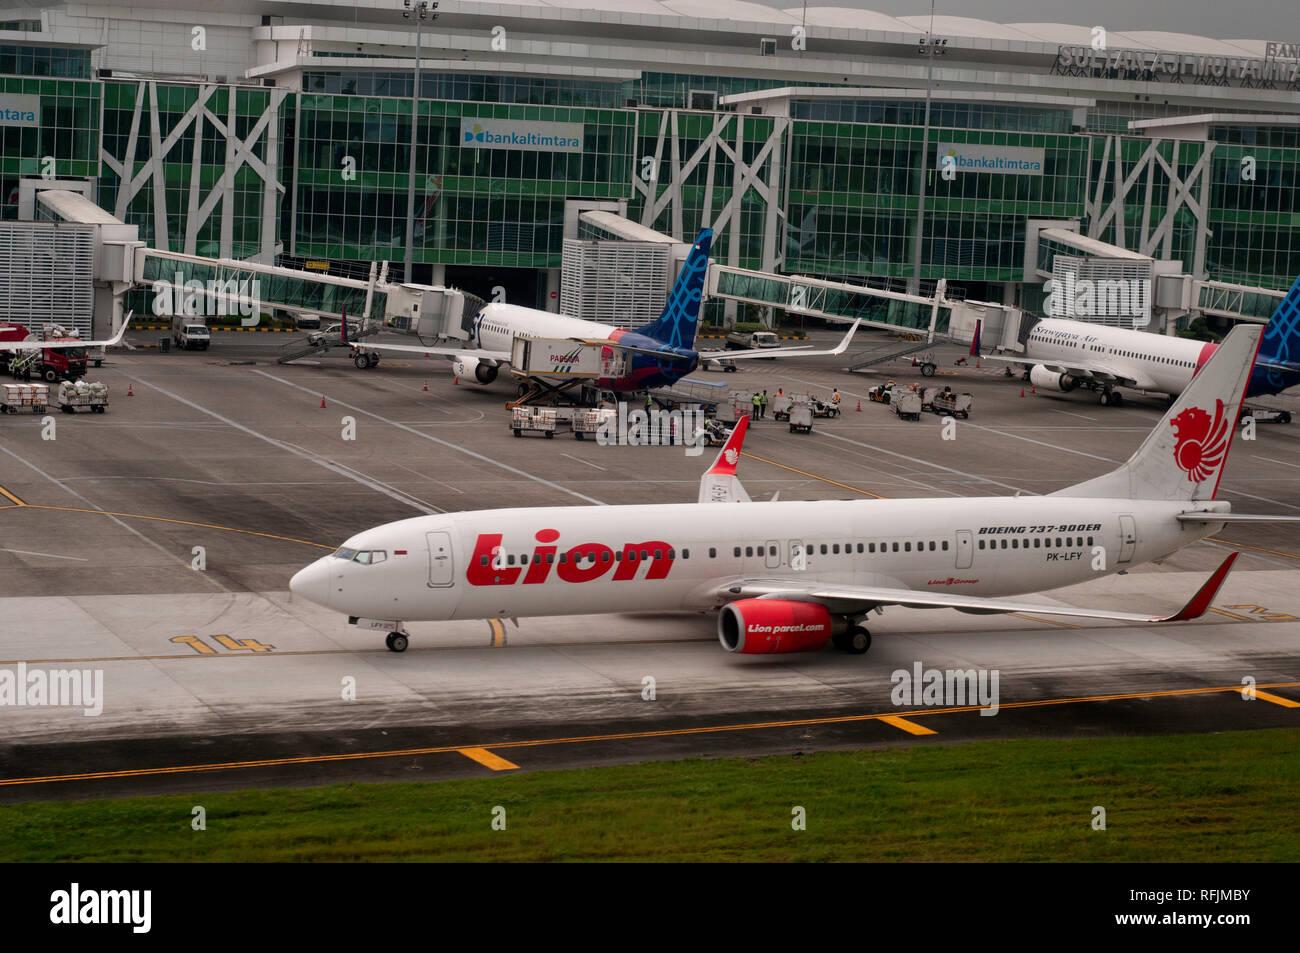 B737 series aircraft at Balikpapan airport (Indonesia) - Stock Image